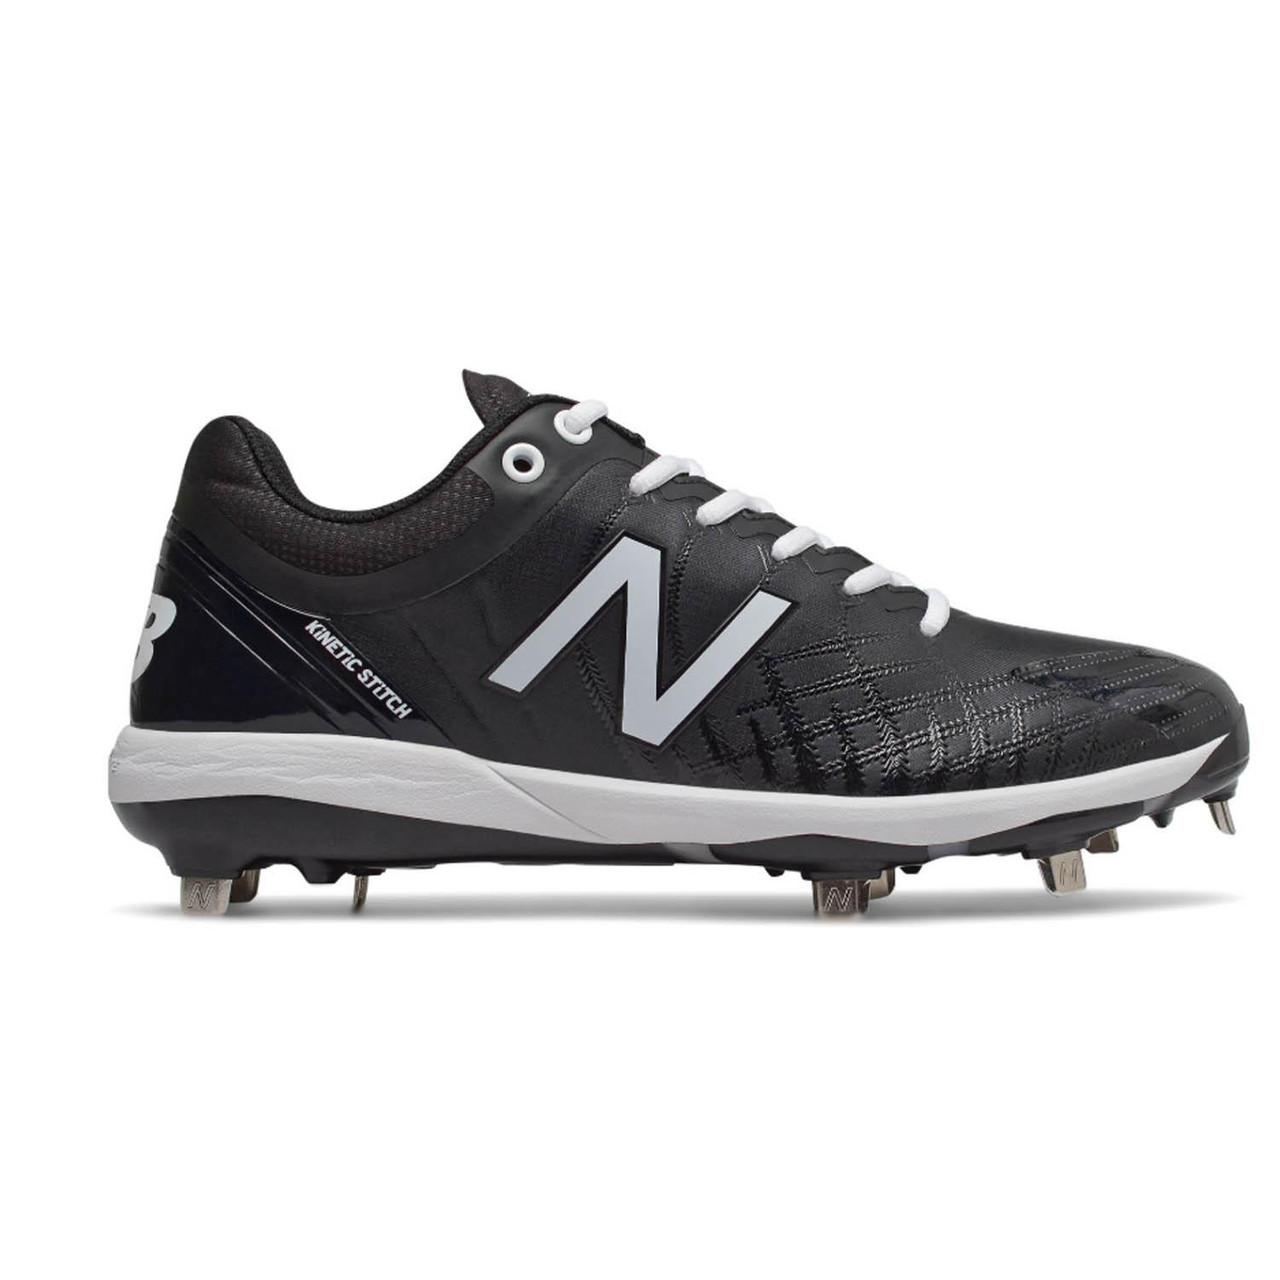 New Balance 4040v5 Metal Low Baseball